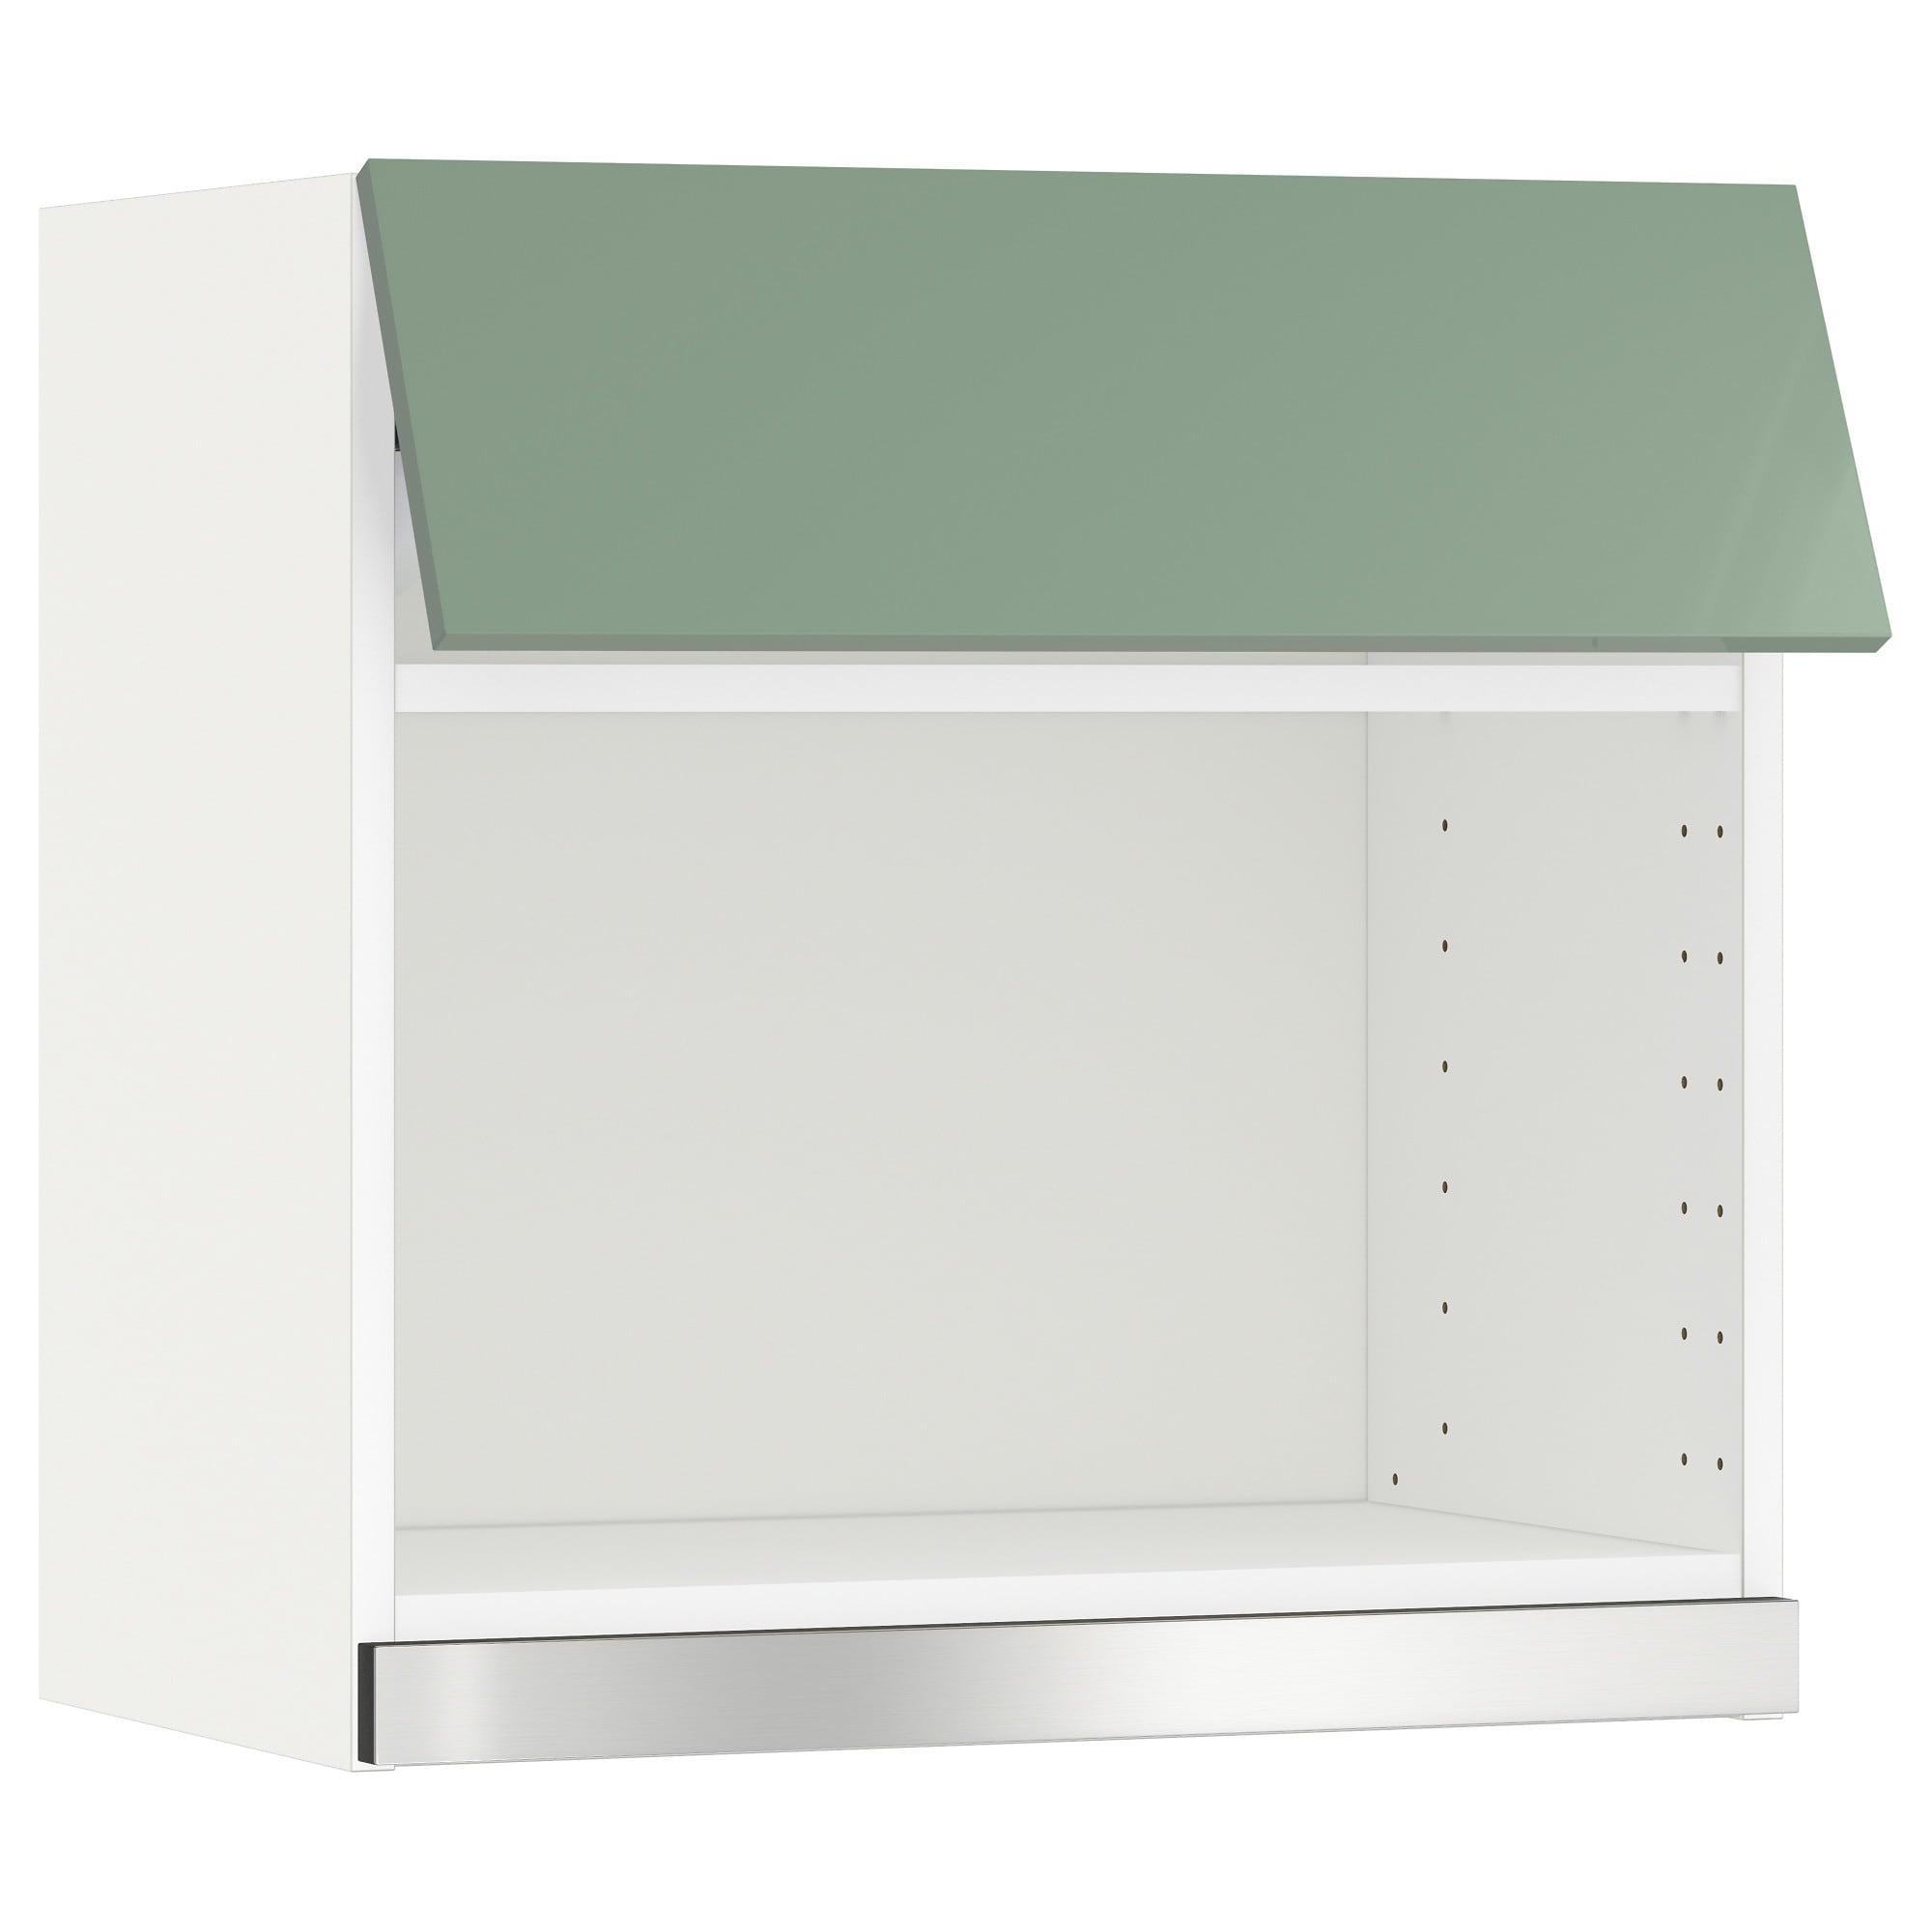 Mueble Microondas Kvdd Metod Armario De Pared Para Microondas Blanco Kallarp Verde Claro 60